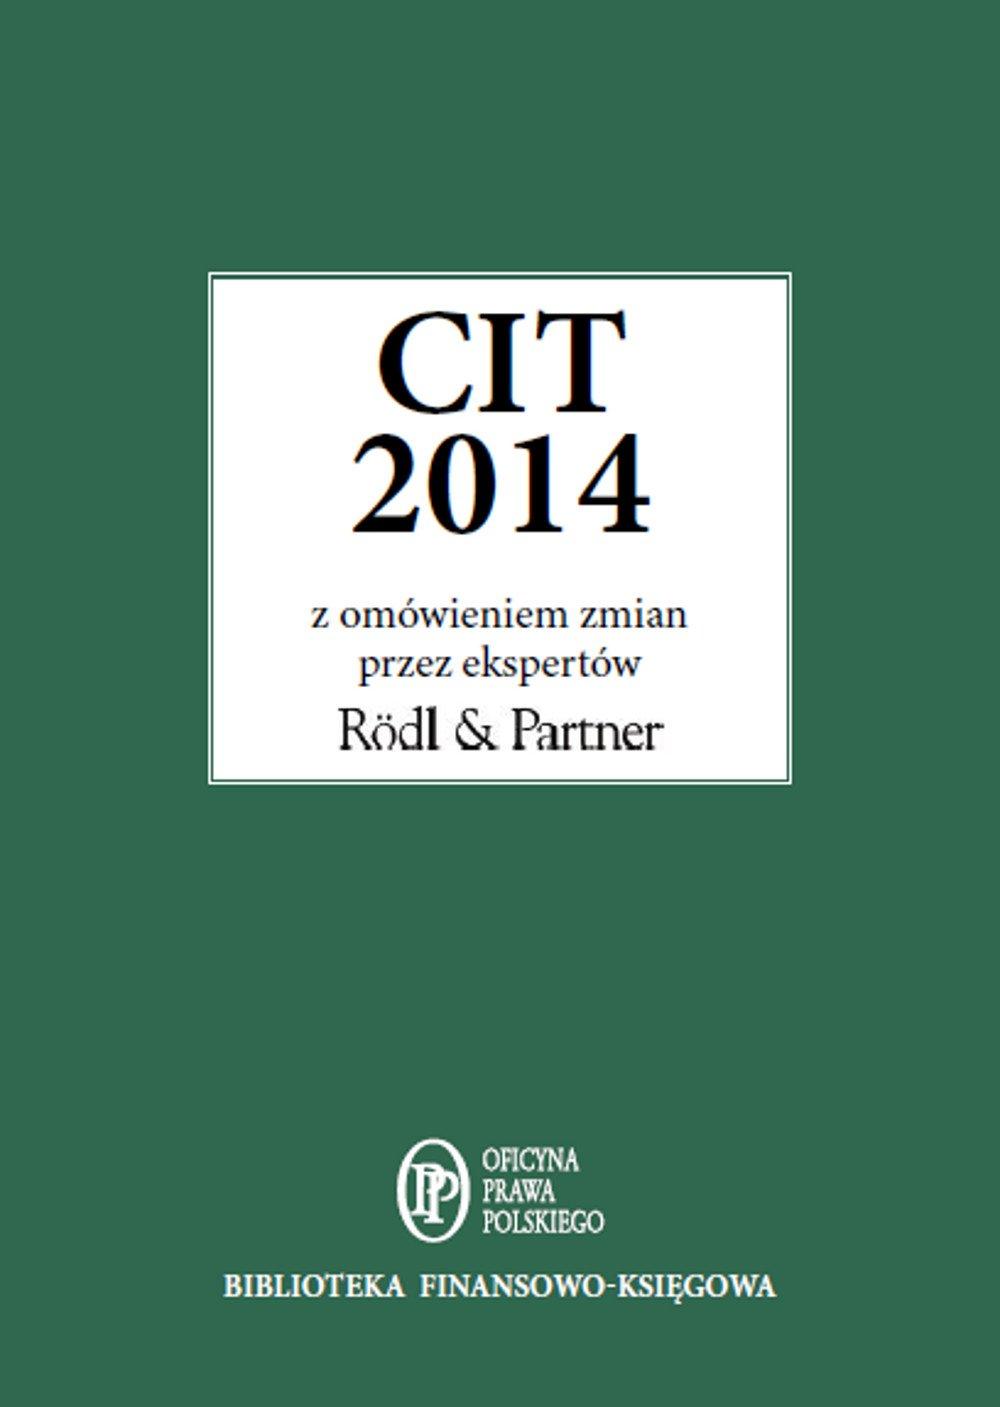 CIT 2014 z omówieniem ekspertów Rödl and Partner - Ebook (Książka PDF) do pobrania w formacie PDF